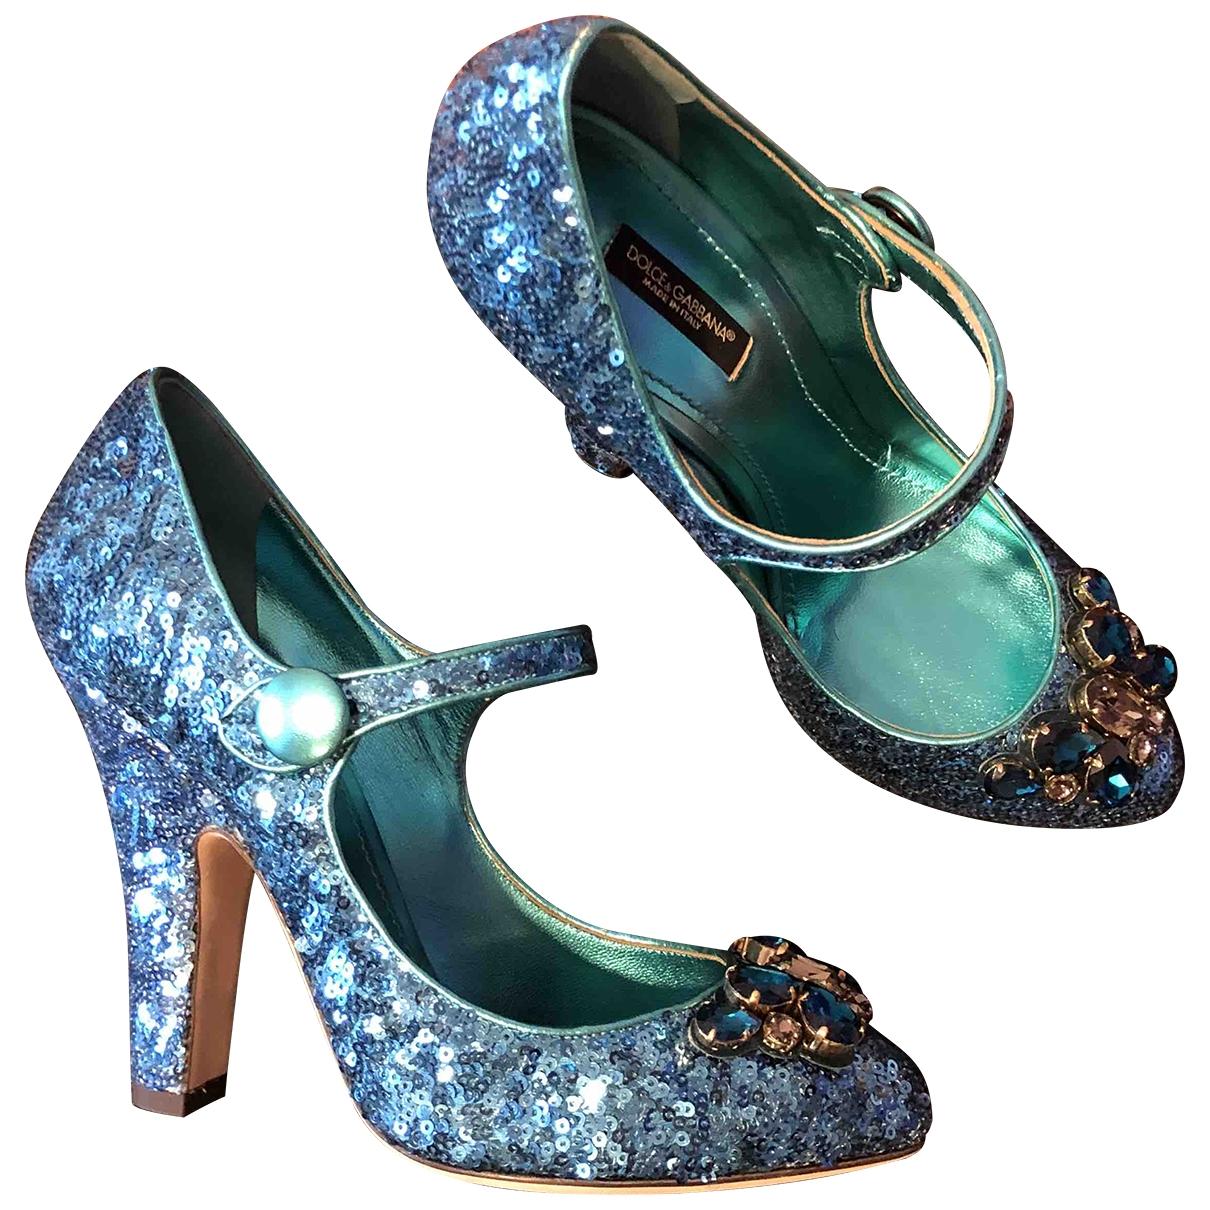 Dolce & Gabbana - Escarpins   pour femme en a paillettes - bleu